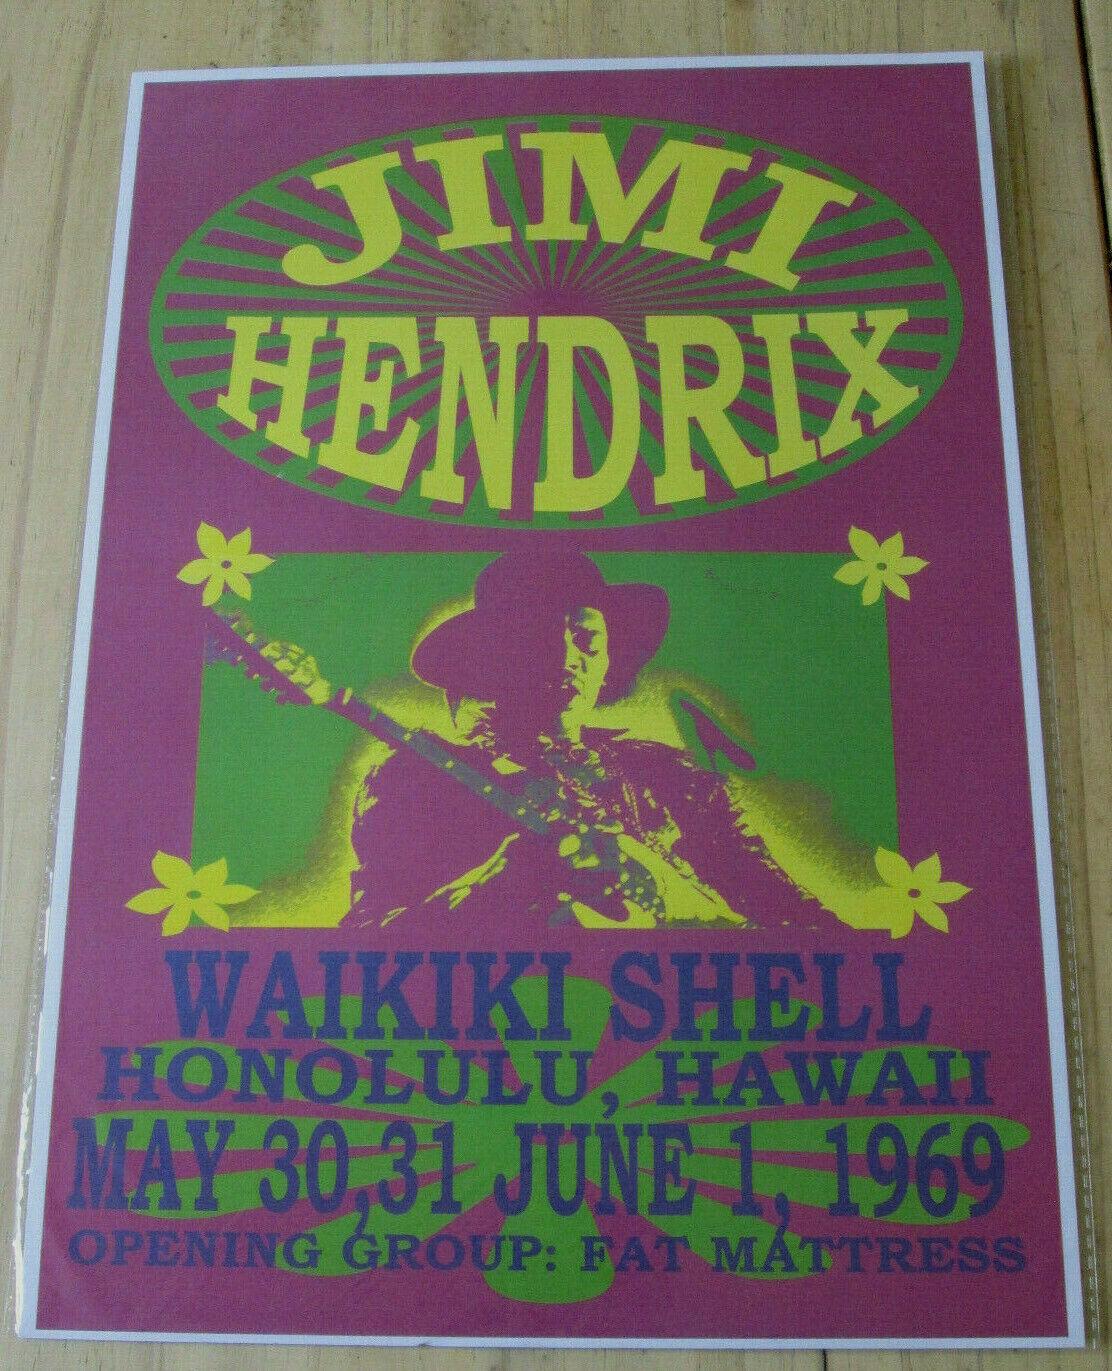 Jimi Hendrix Waikiki Shell Honolulu 1969 Reproduction